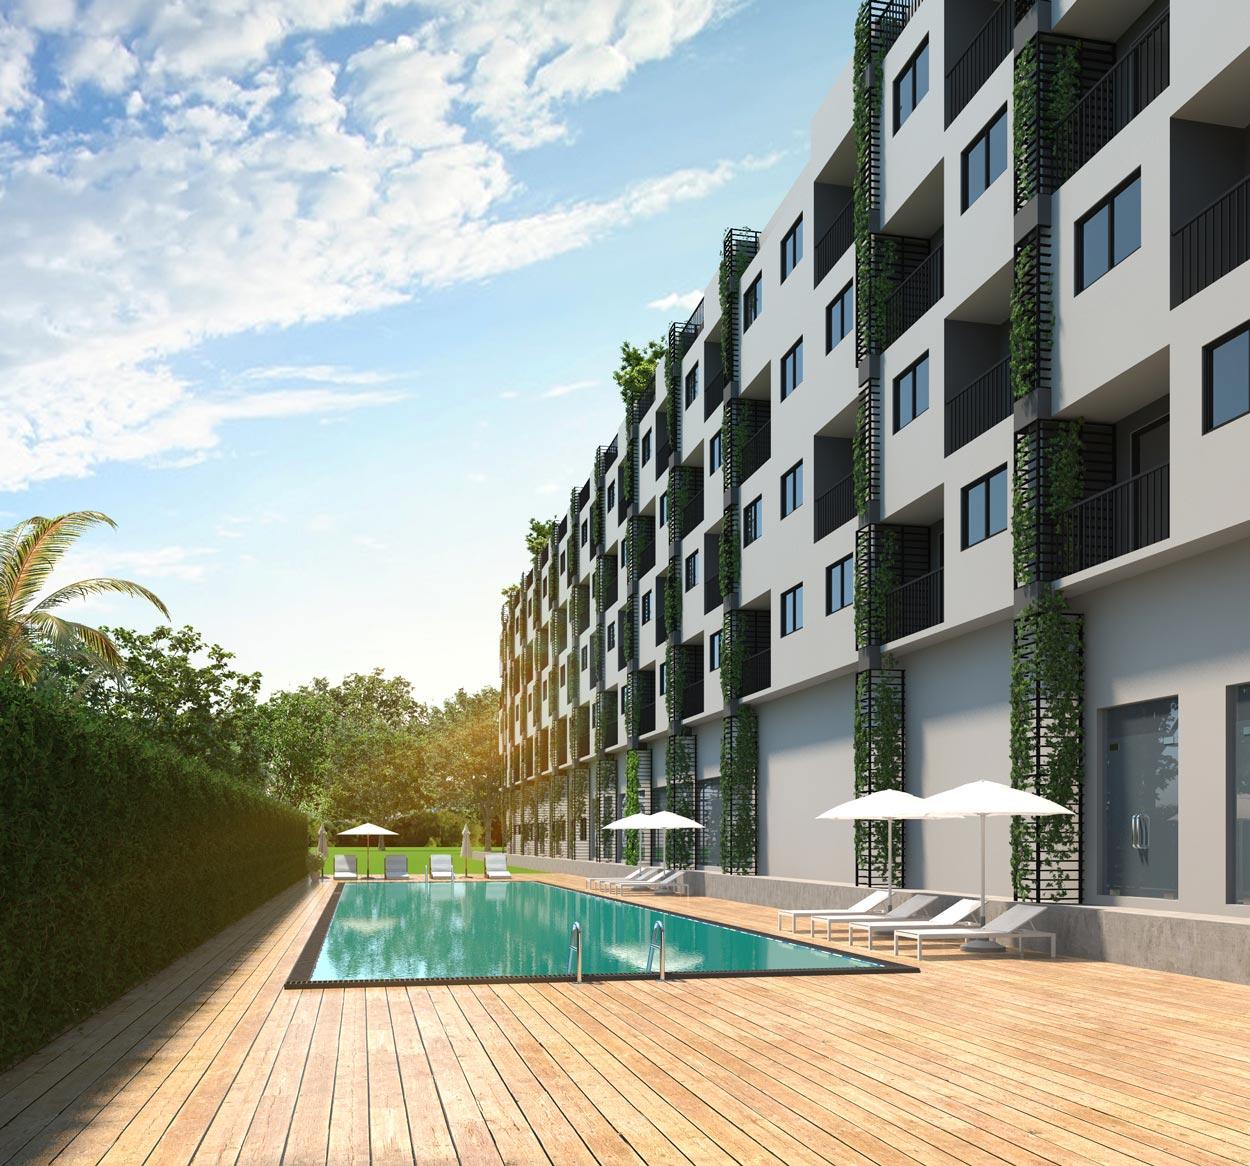 Sigiriya-Hotel-New-Exterior-View-4